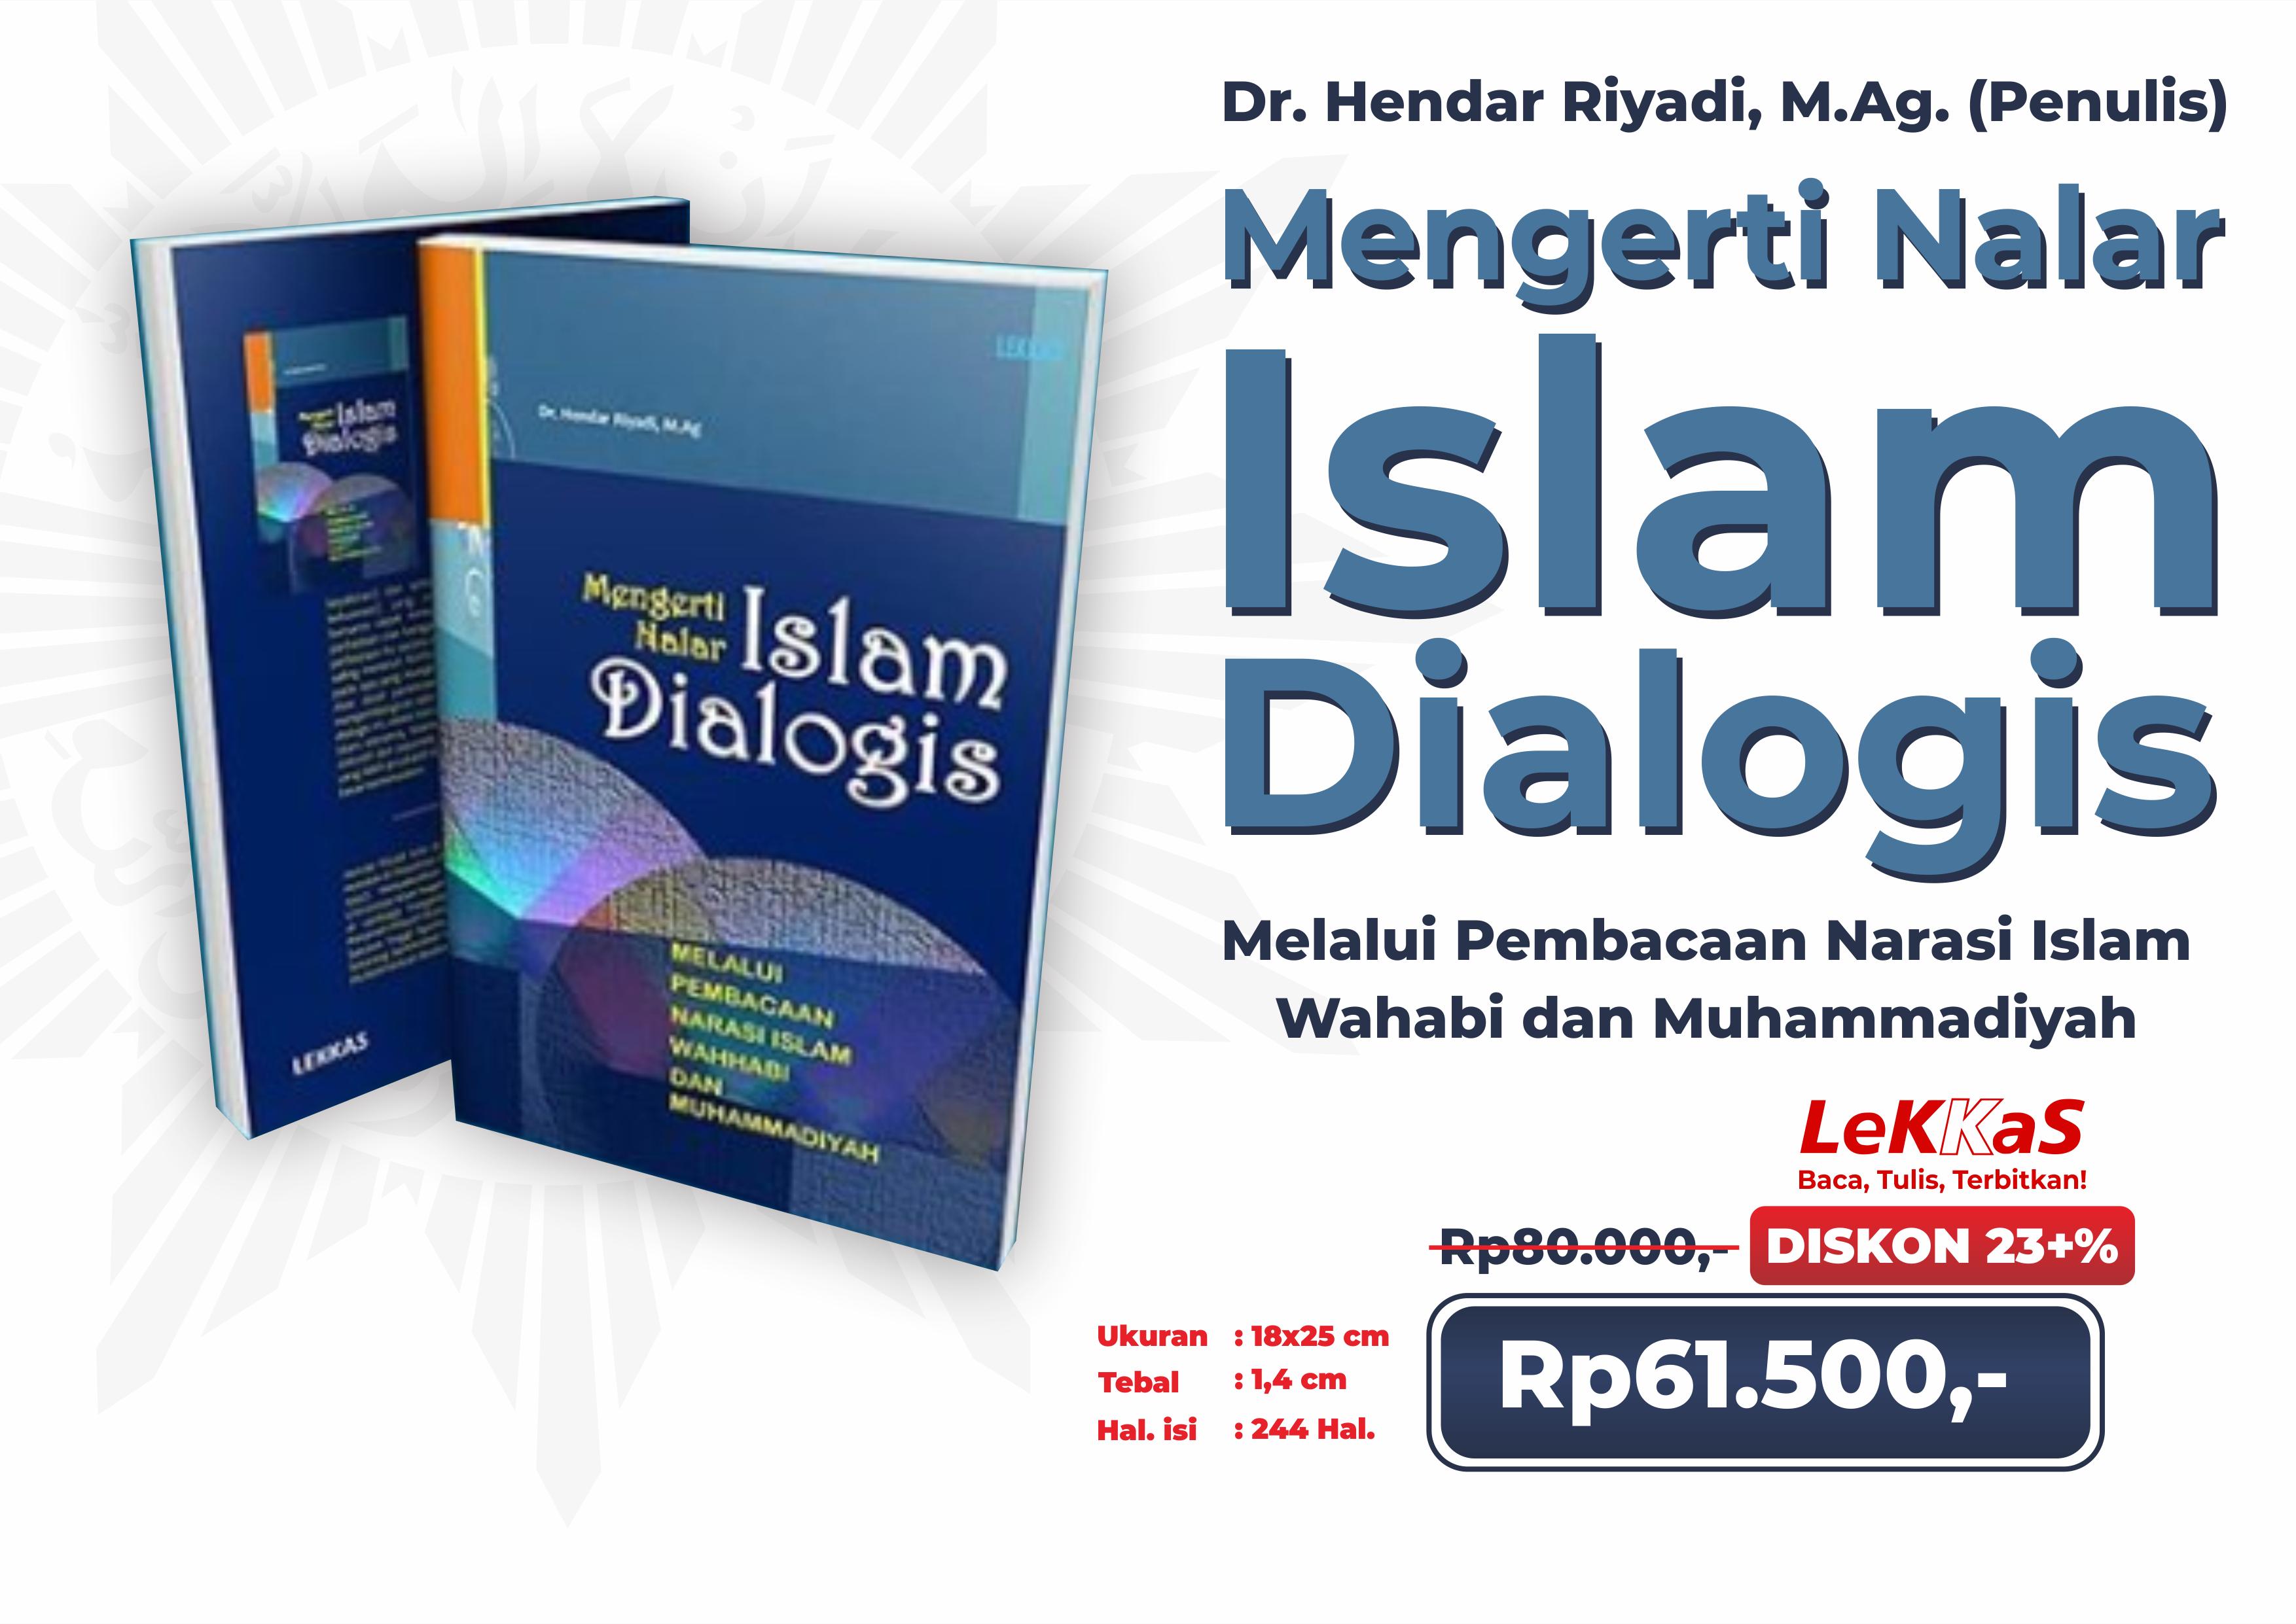 Mengerti Nalar Islam Dialogis